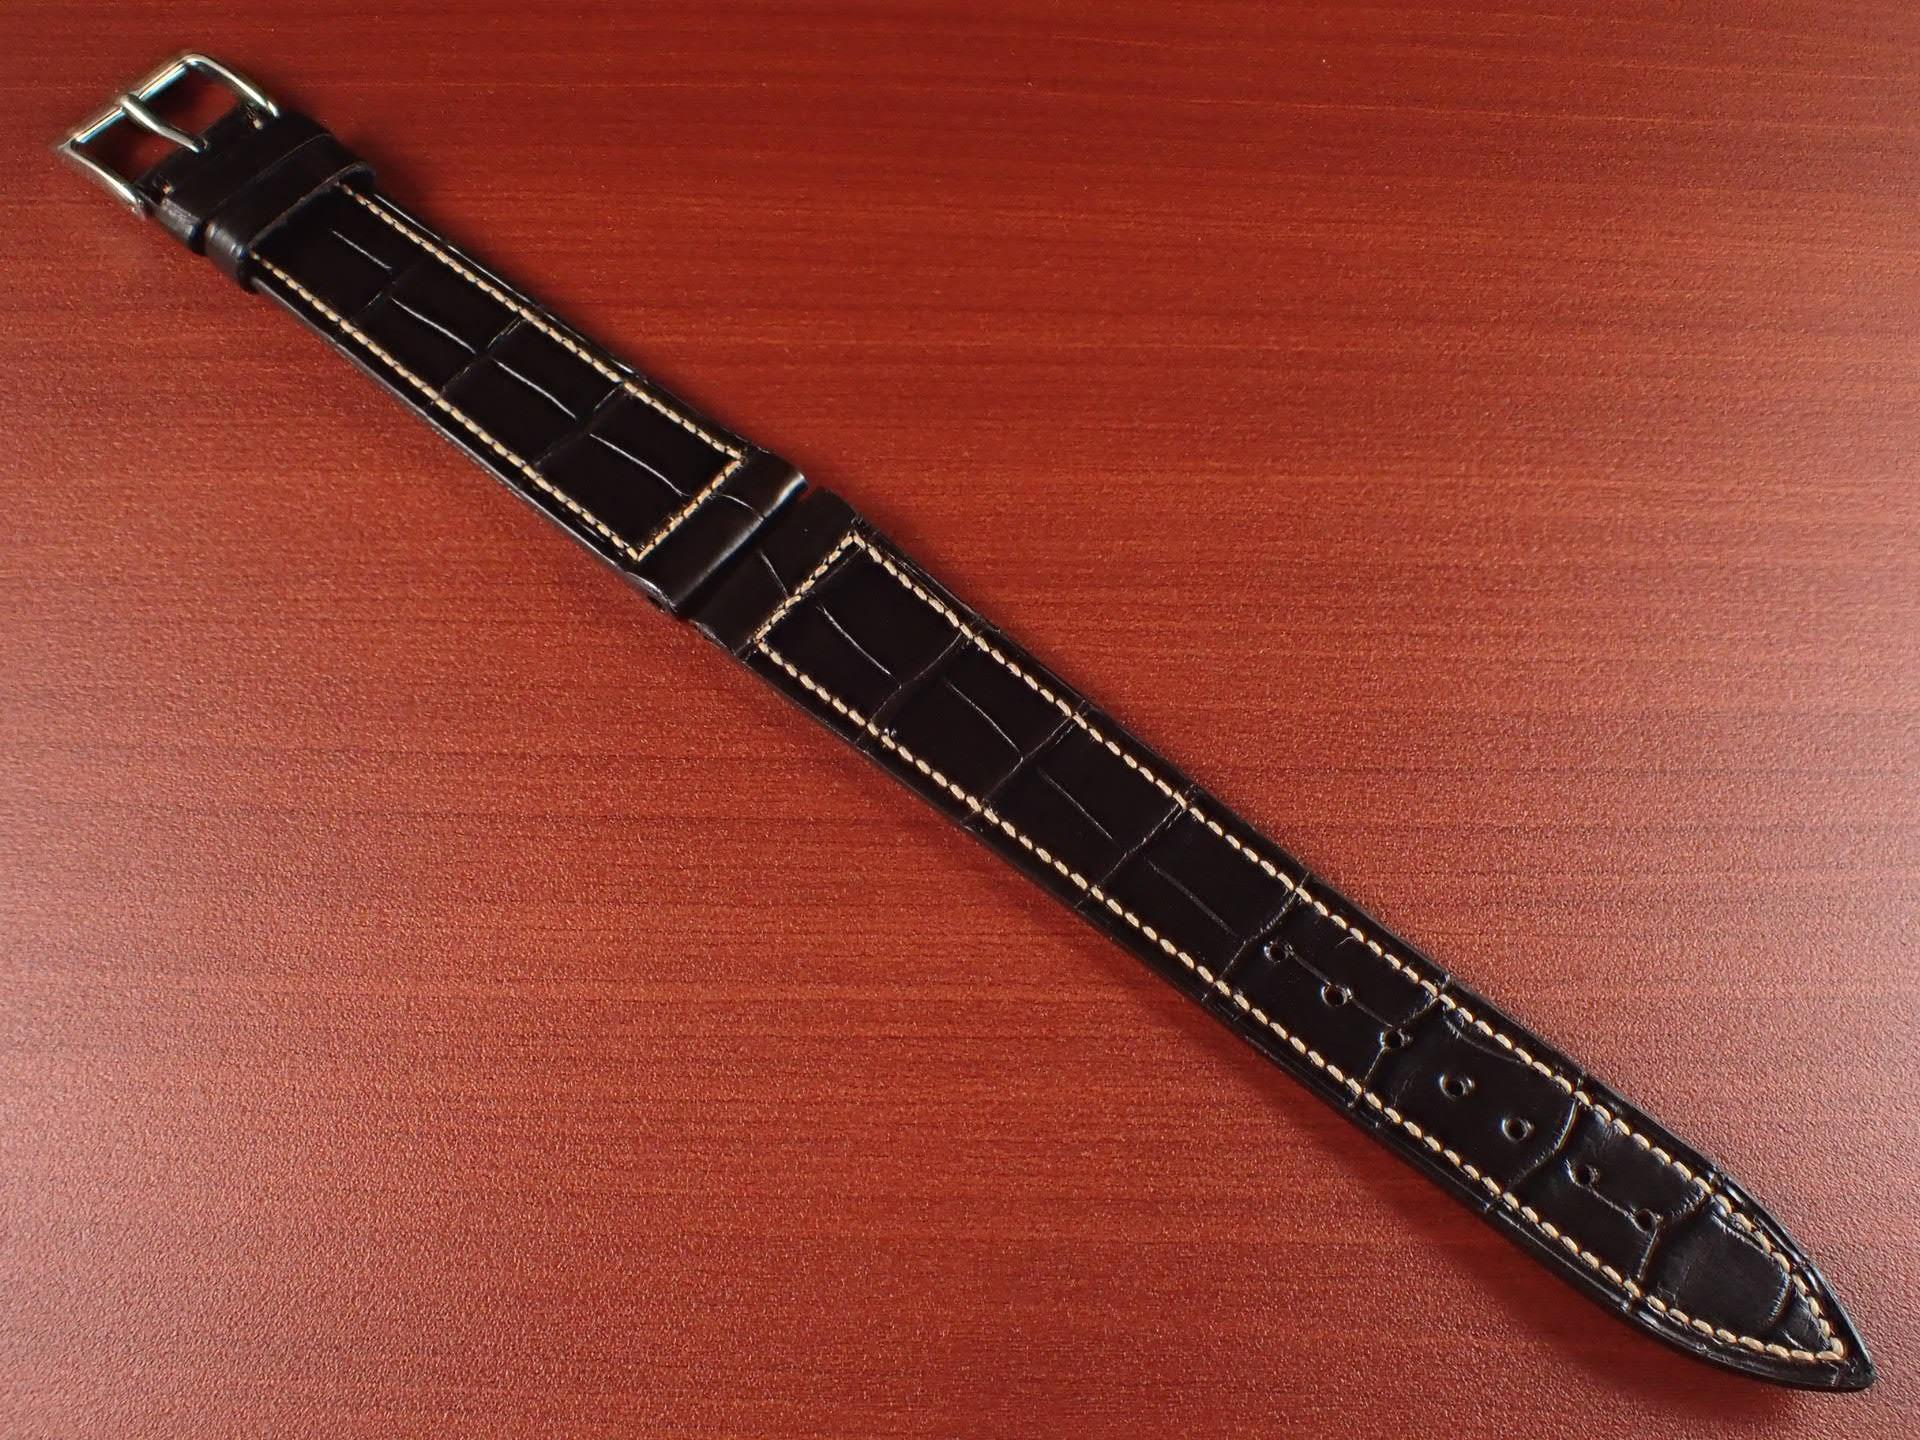 ジャン・クロード ペラン革ベルト クロコダイル チョコレート 18mmのメイン写真